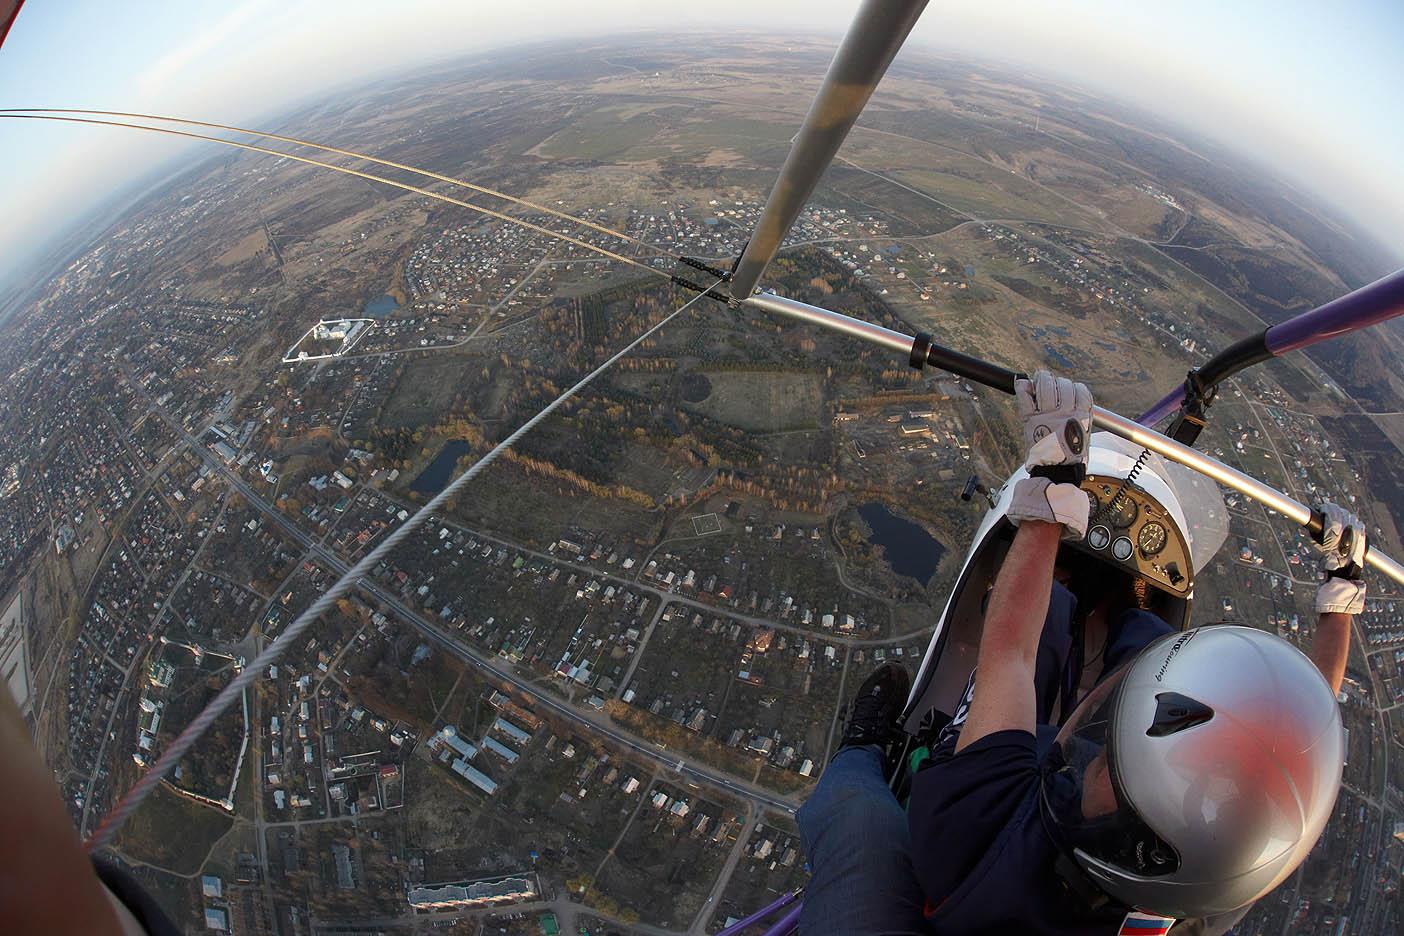 Полеты на дельтаплане, а земля-то круглая!